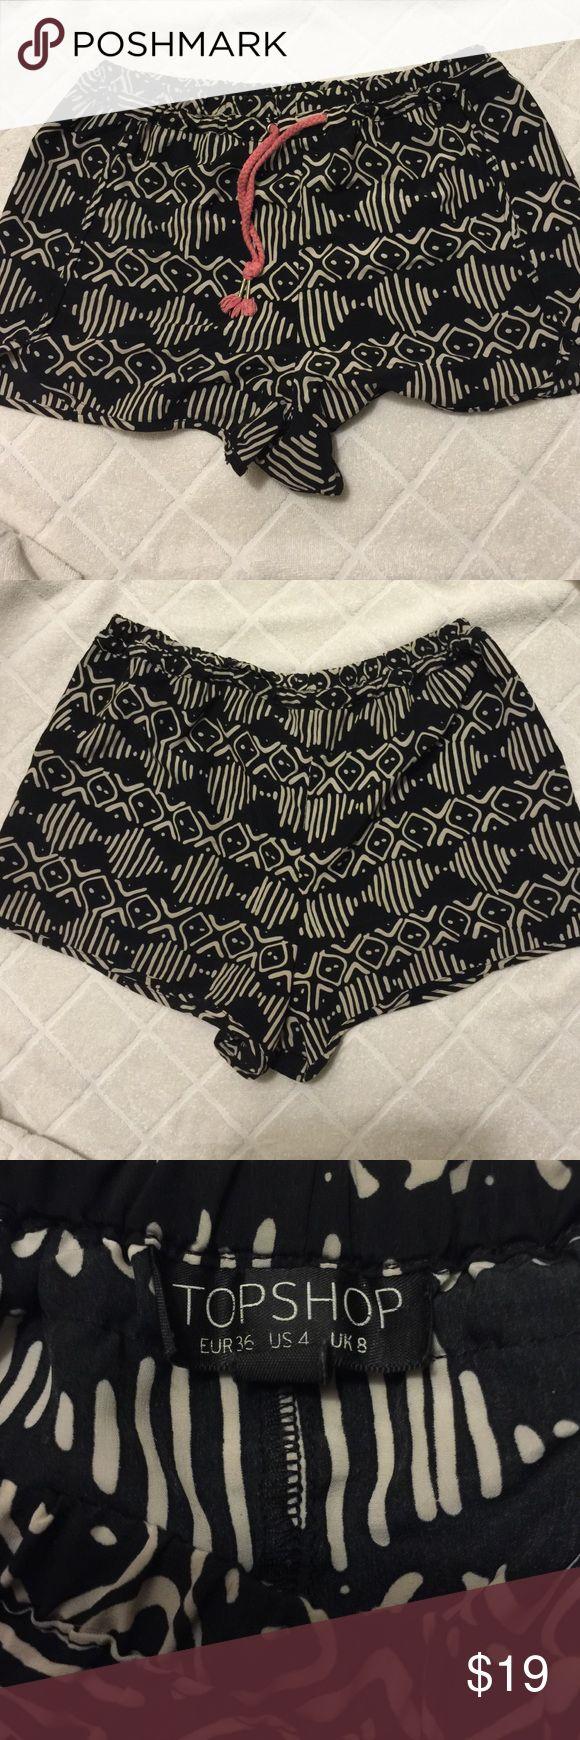 Topshop Aztec Print Shorts with Drawstring Topshop shorts, size 4. Topshop Shorts